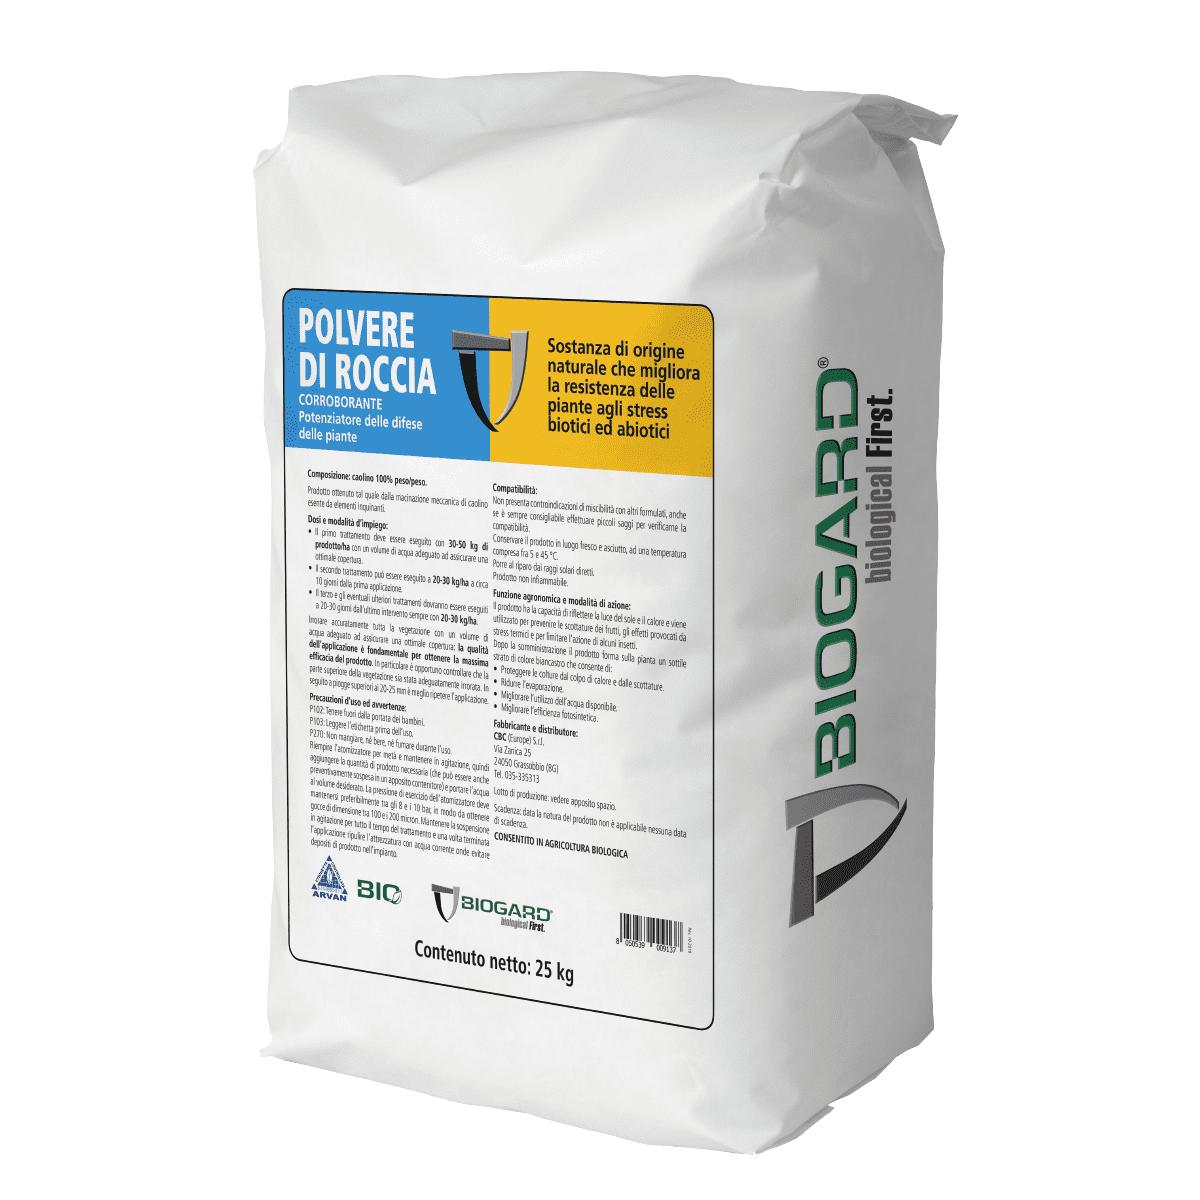 Biogard - Polvere di roccia